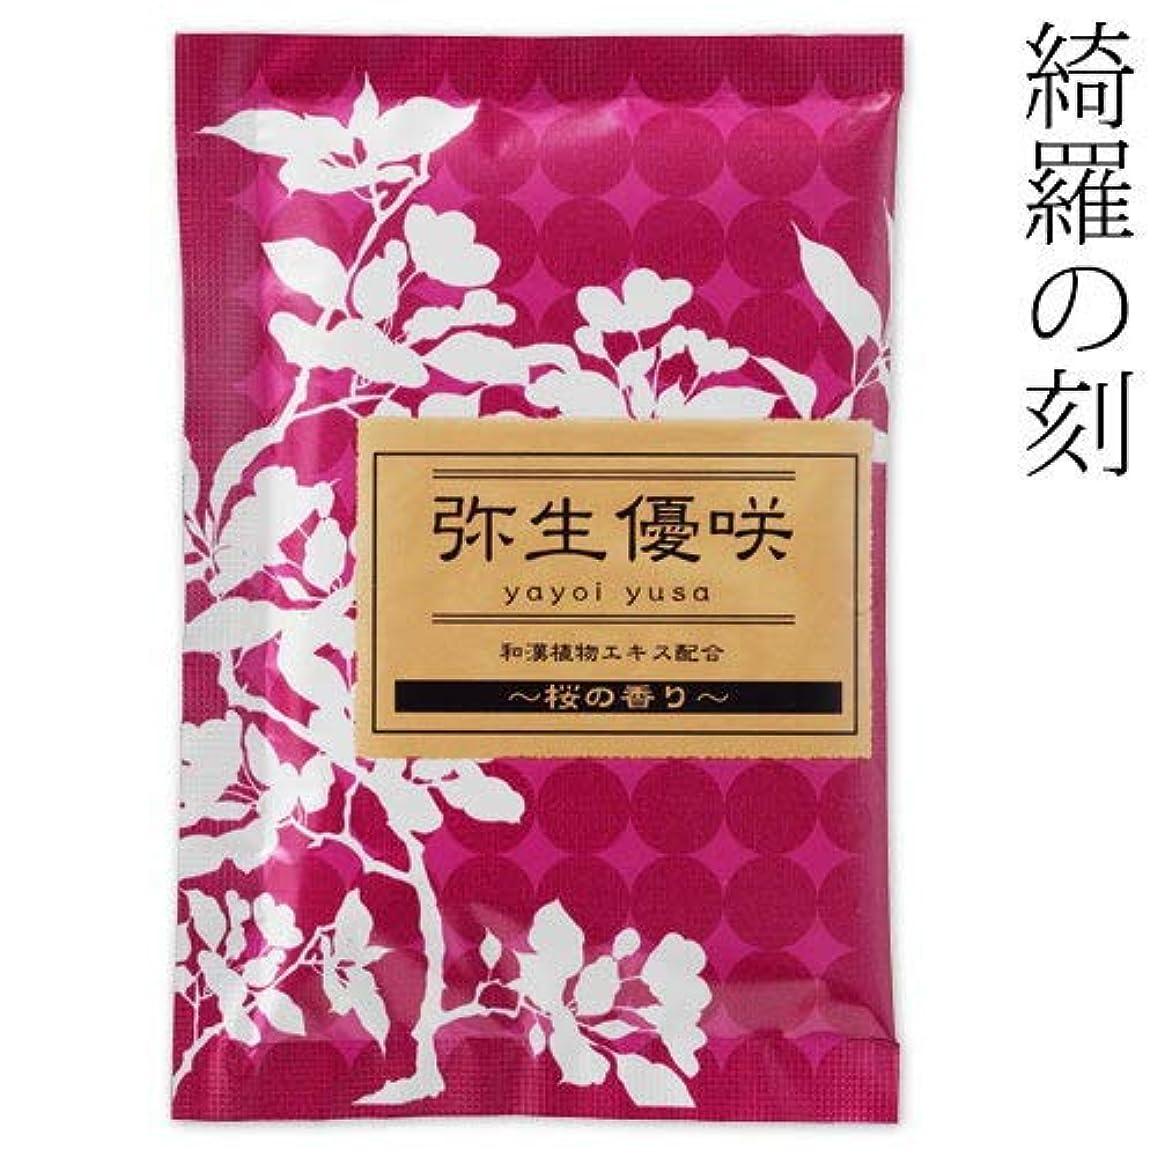 十一信頼できるしないでください入浴剤綺羅の刻桜の香り弥生優咲1包石川県のお風呂グッズBath additive, Ishikawa craft